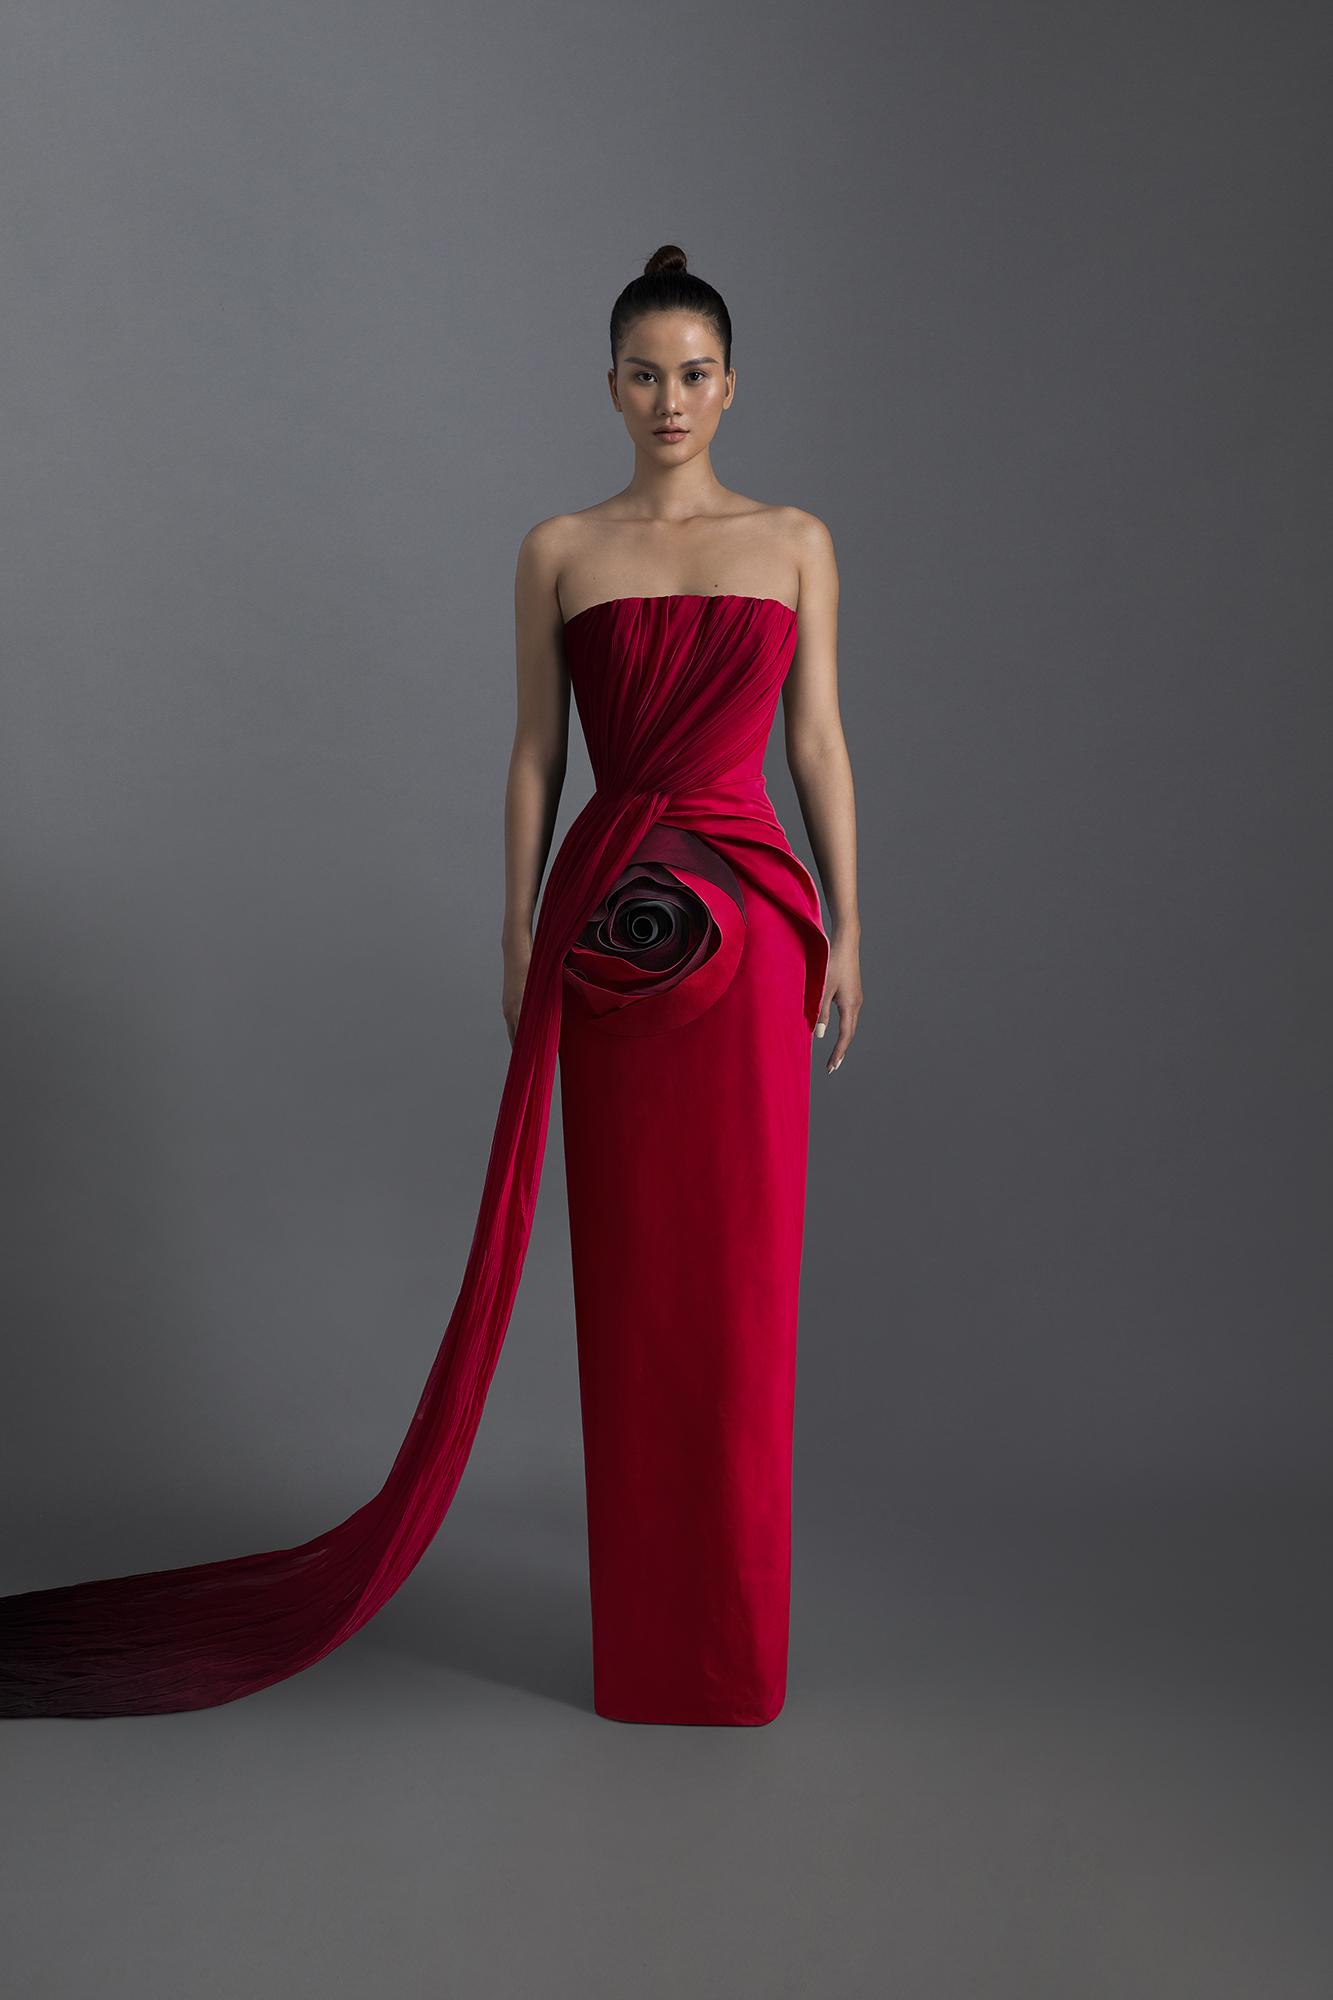 Hương Ly gợi cảm nhưng vẫn thanh lịch trong chiếc đầm quây được tạo điểm nhấn bằng những đường gấp nếp mềm mại, hoạ tiết hoa hồng to bản.